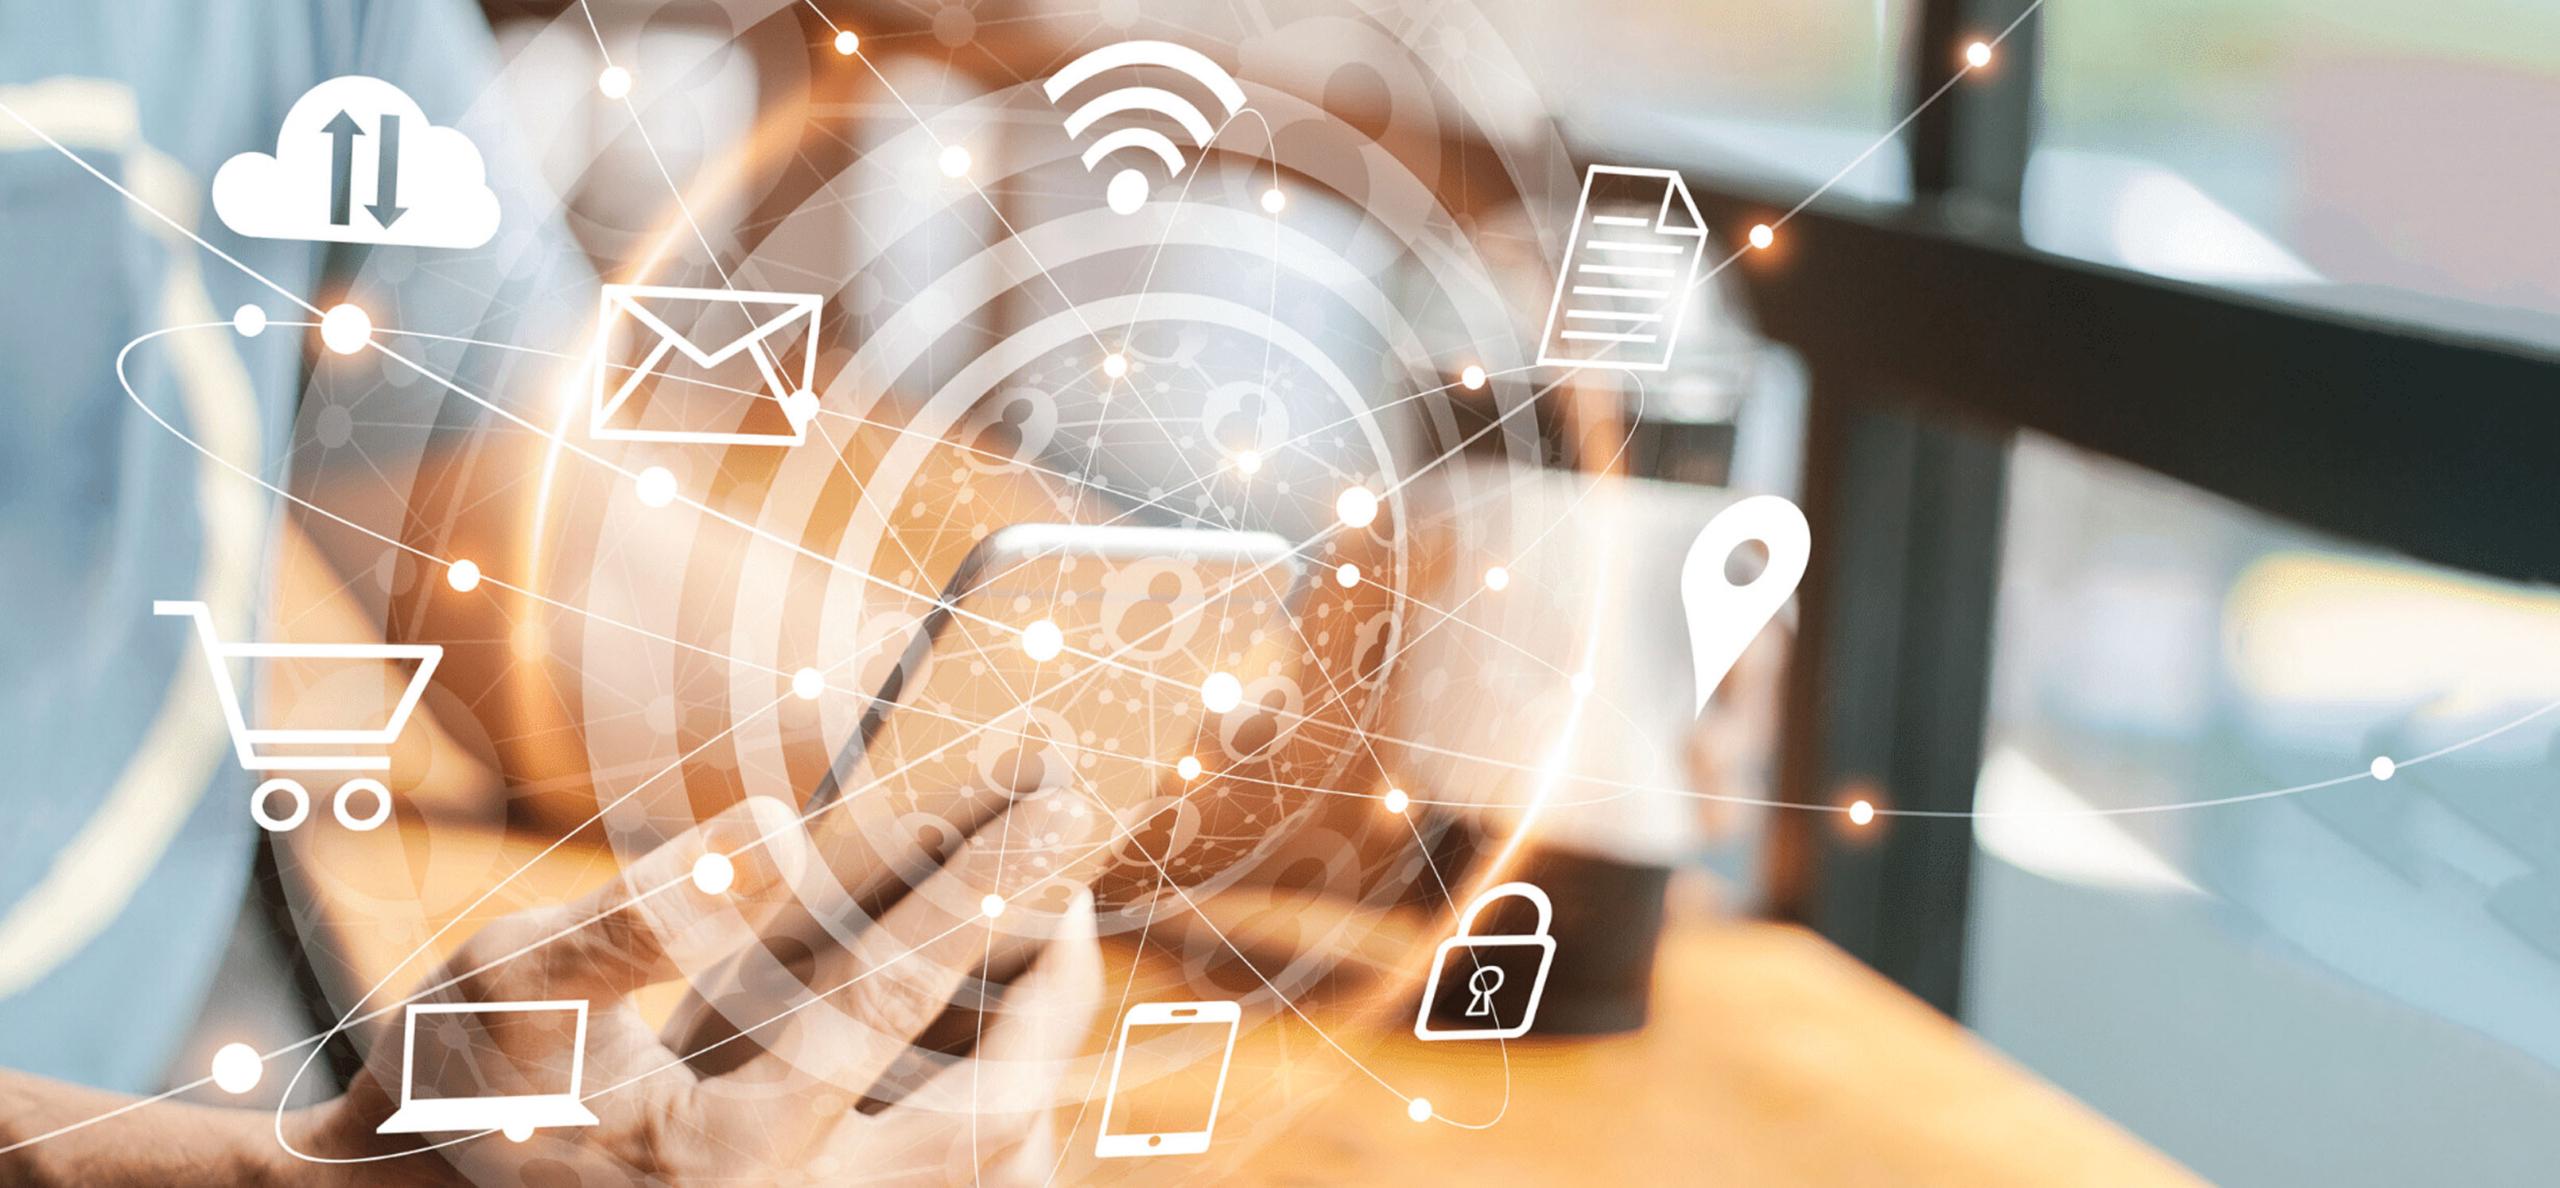 Les 10 principales tendances marketing que vous devez adopter en 2022